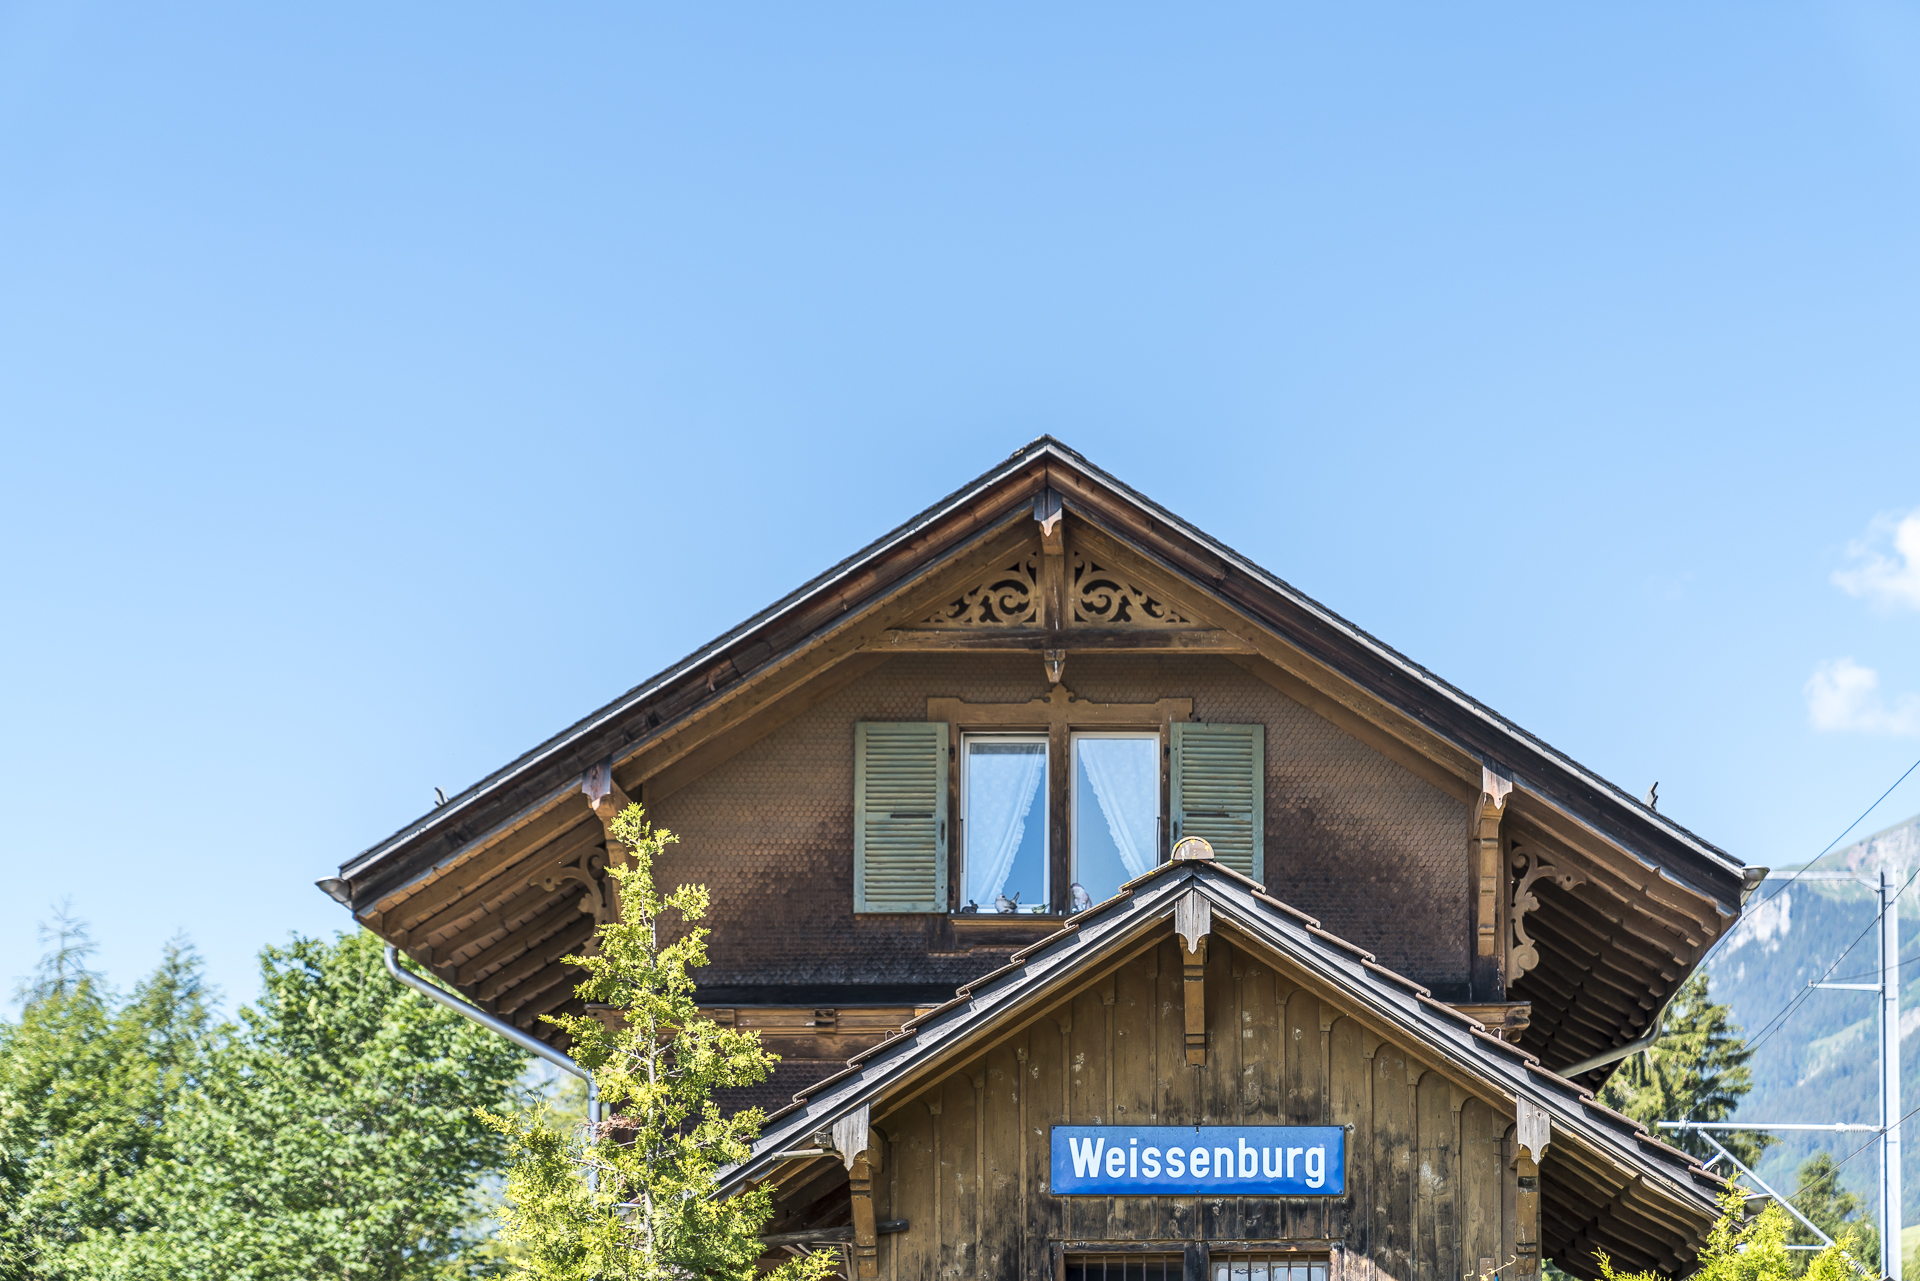 Bahnhof Weissenburg